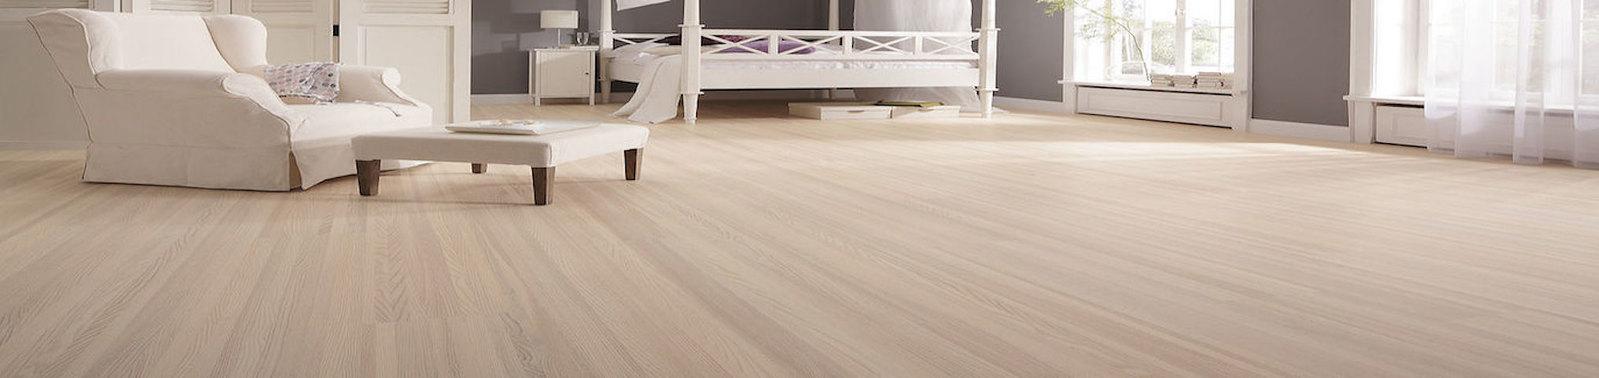 Ofertas suelos laminados mantn tu suelo laminado en for Oferta suelo laminado